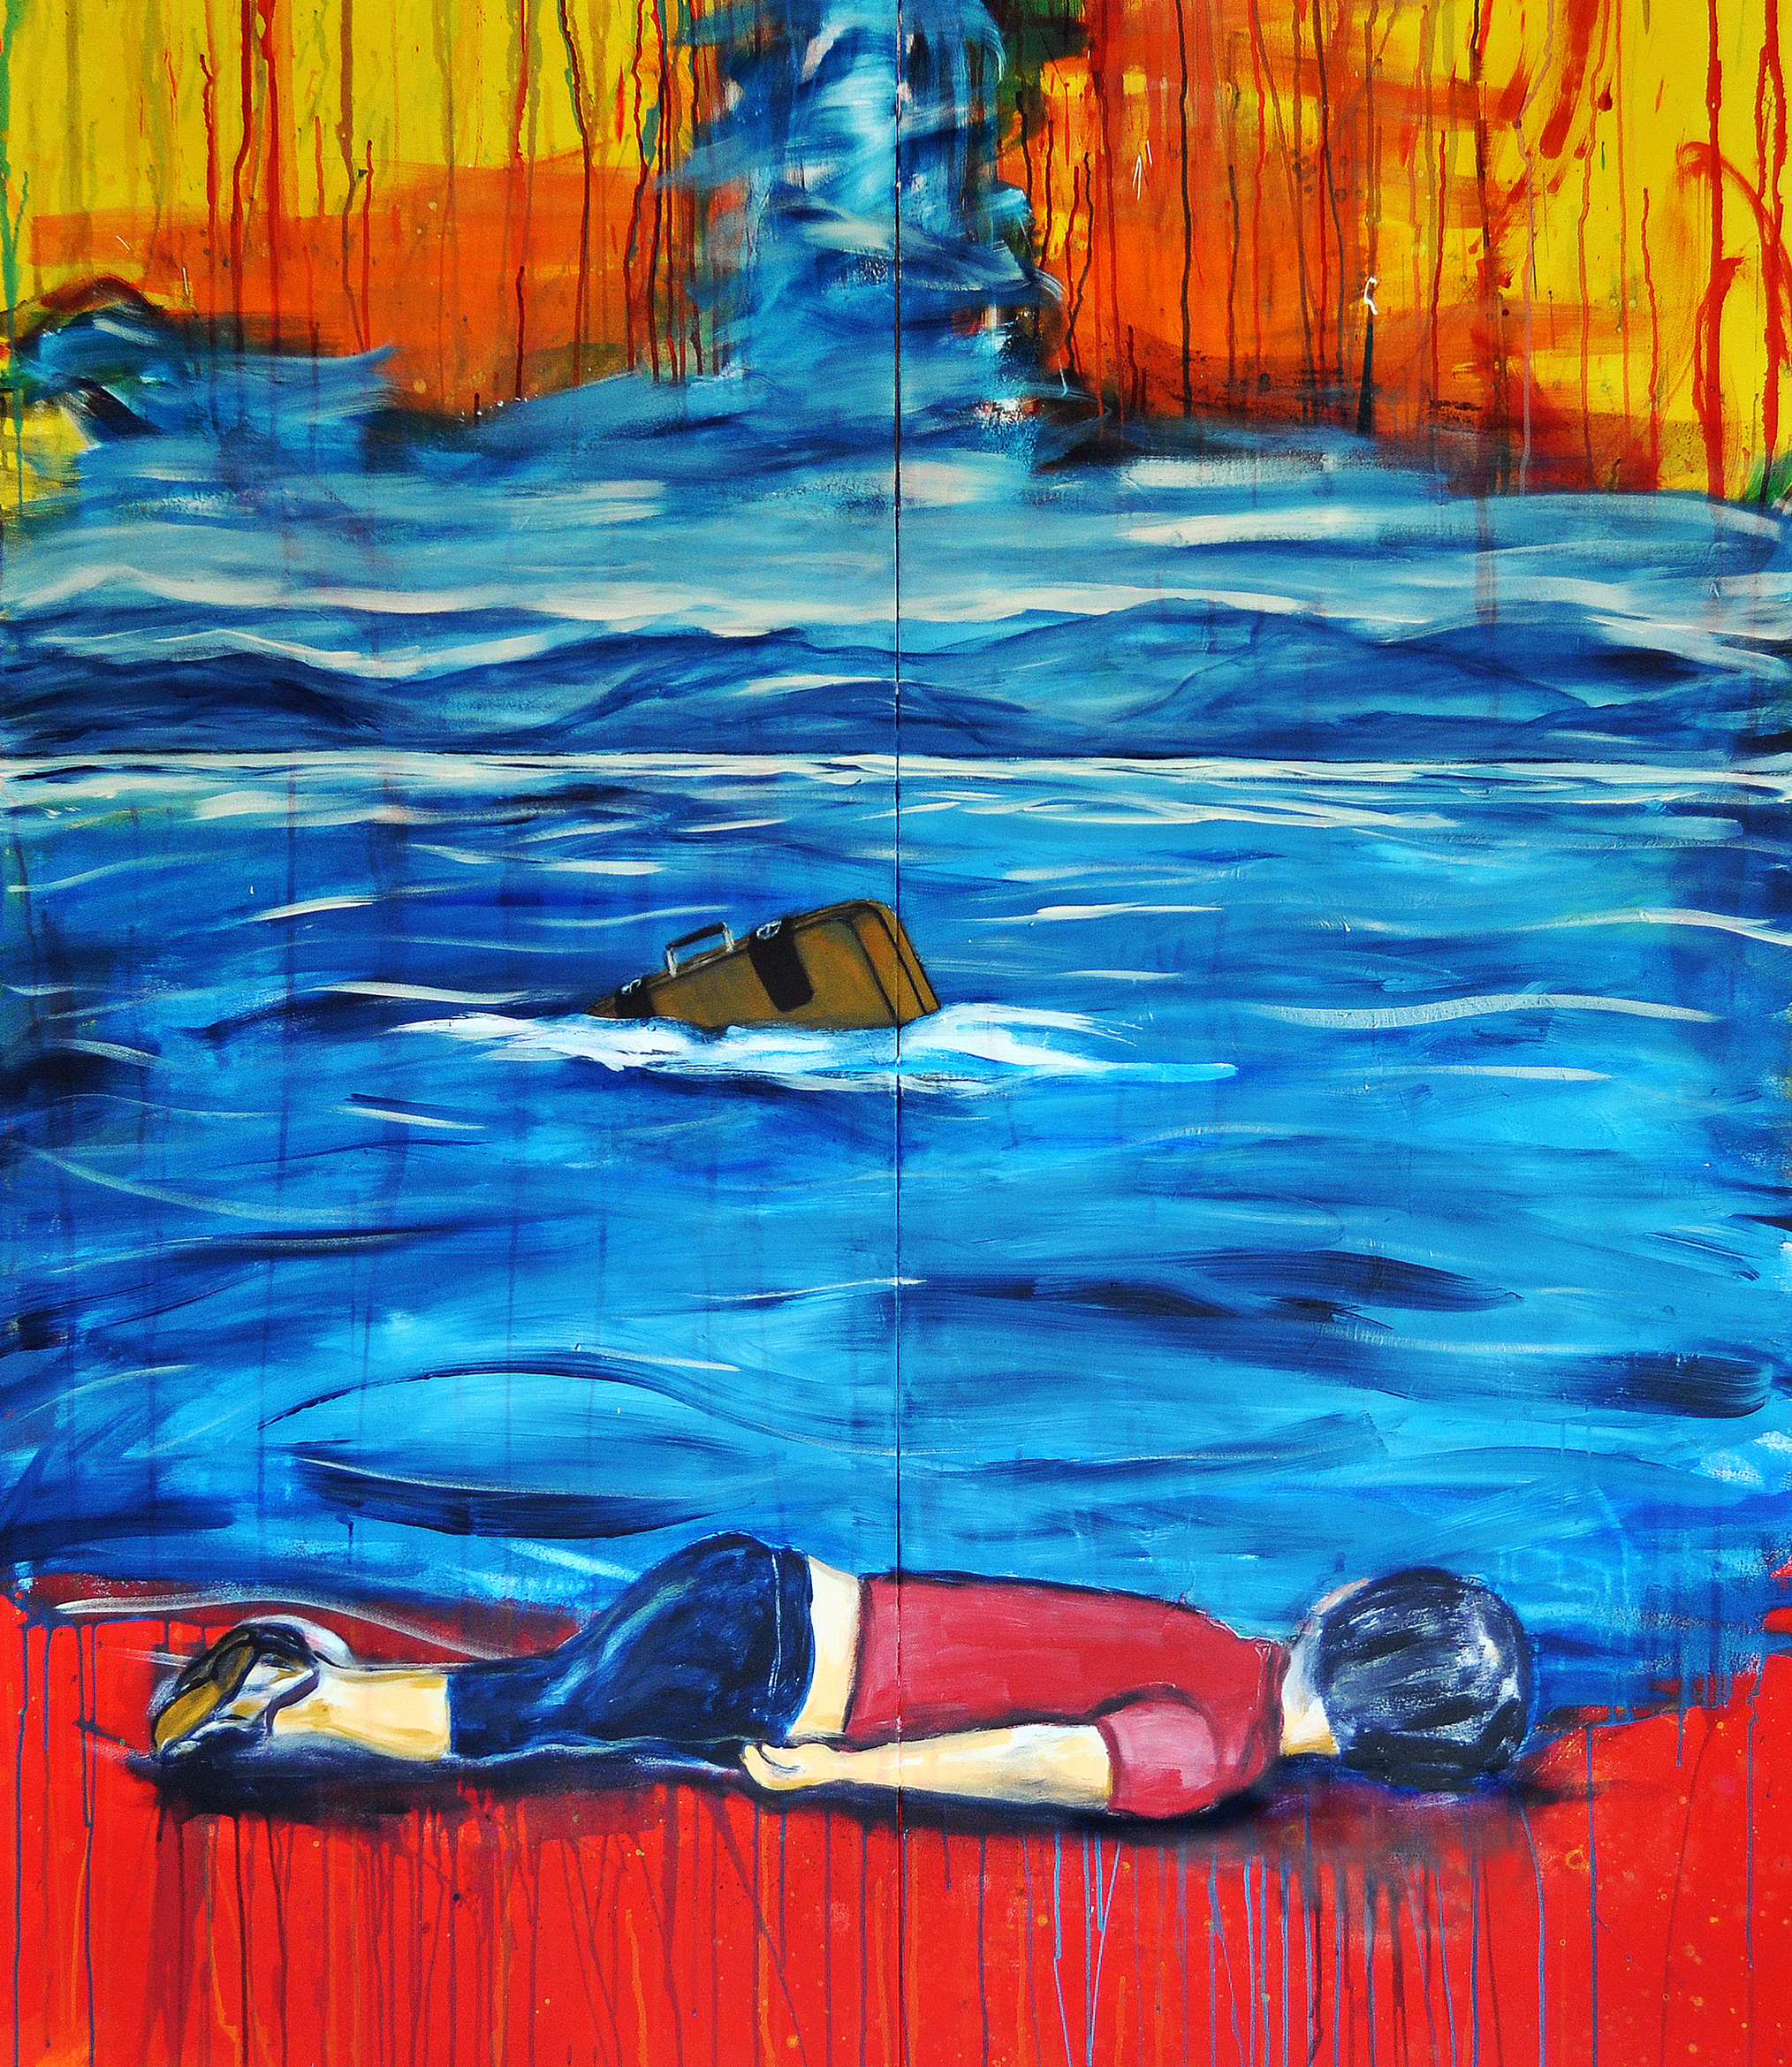 Ausstellung KRIEG EineWeltHaus - Alan Kurdi